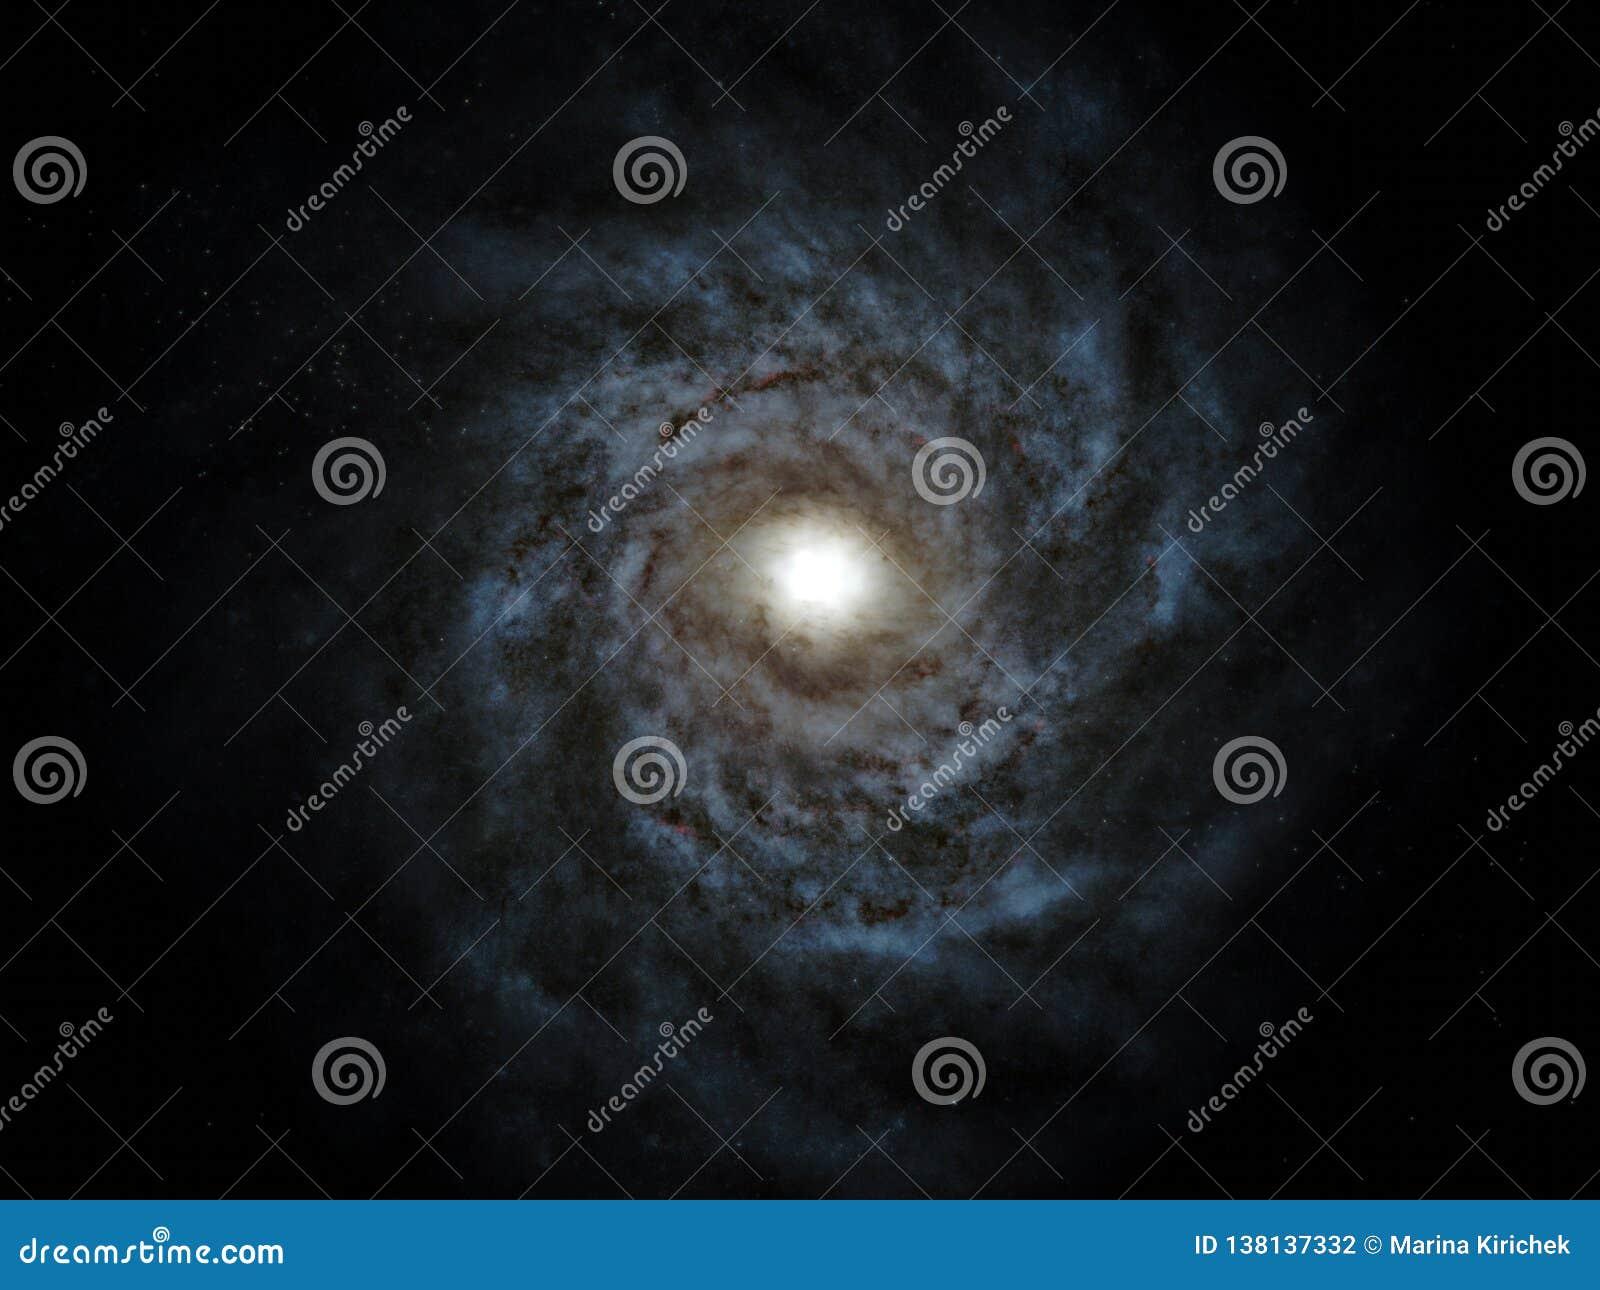 Галактика, галактика млечного пути, 50 000 световых год поперек Высококачественный, разрешение, 4k Тема космоса Элементы этого из